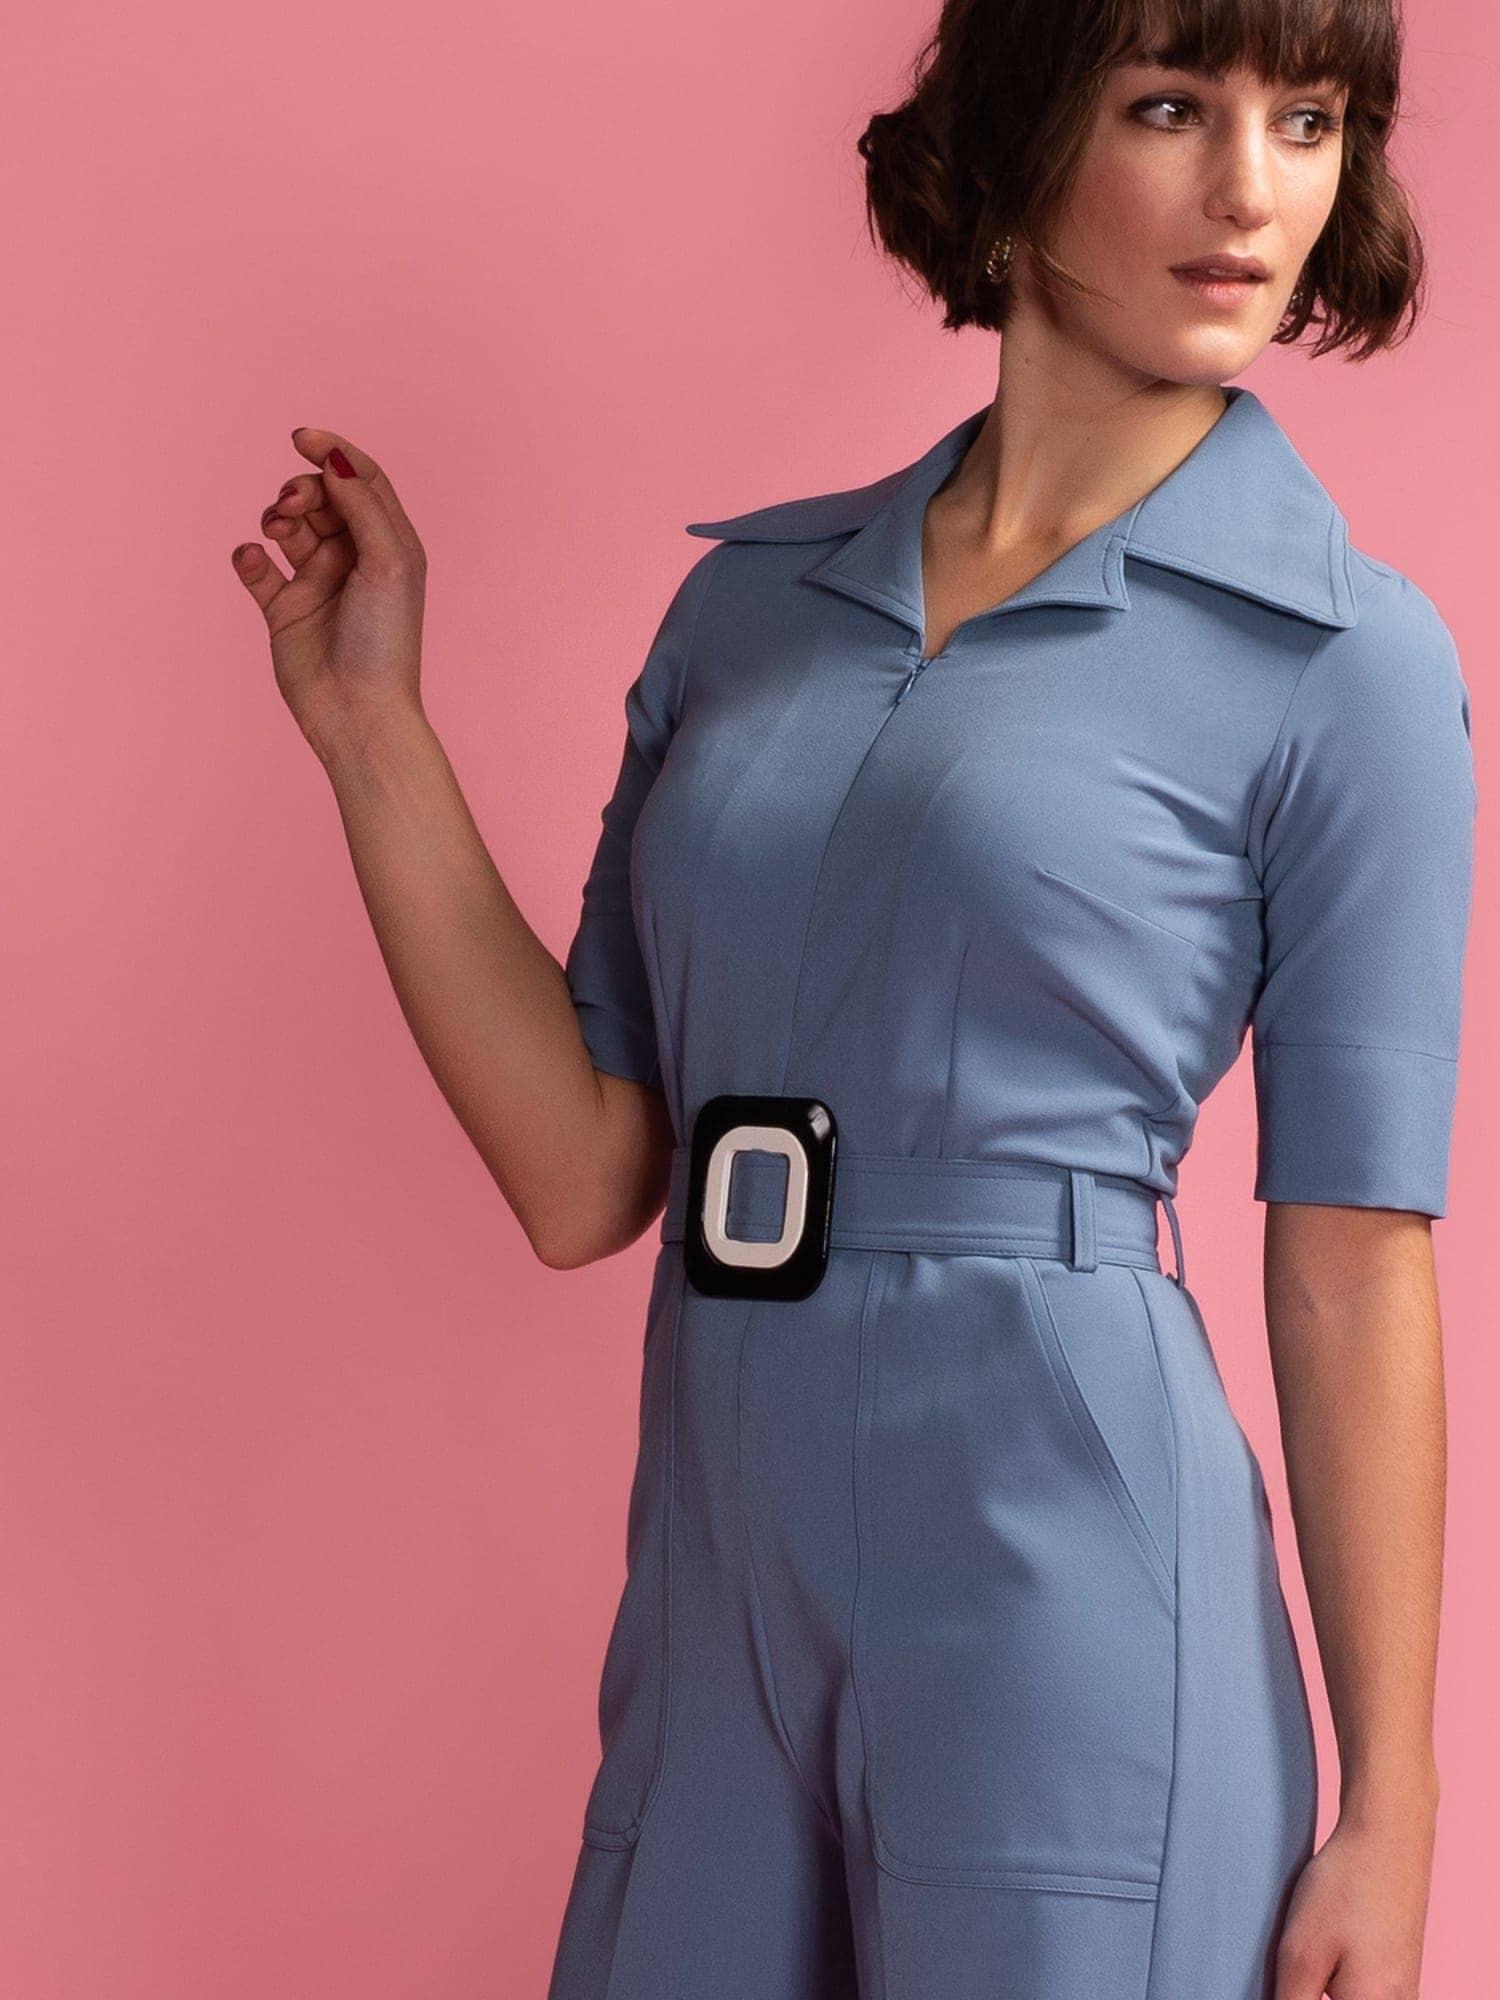 966b1a928dfc Vintage Baby Jumpsuit - Stone Blue - Mademoiselle YéYé